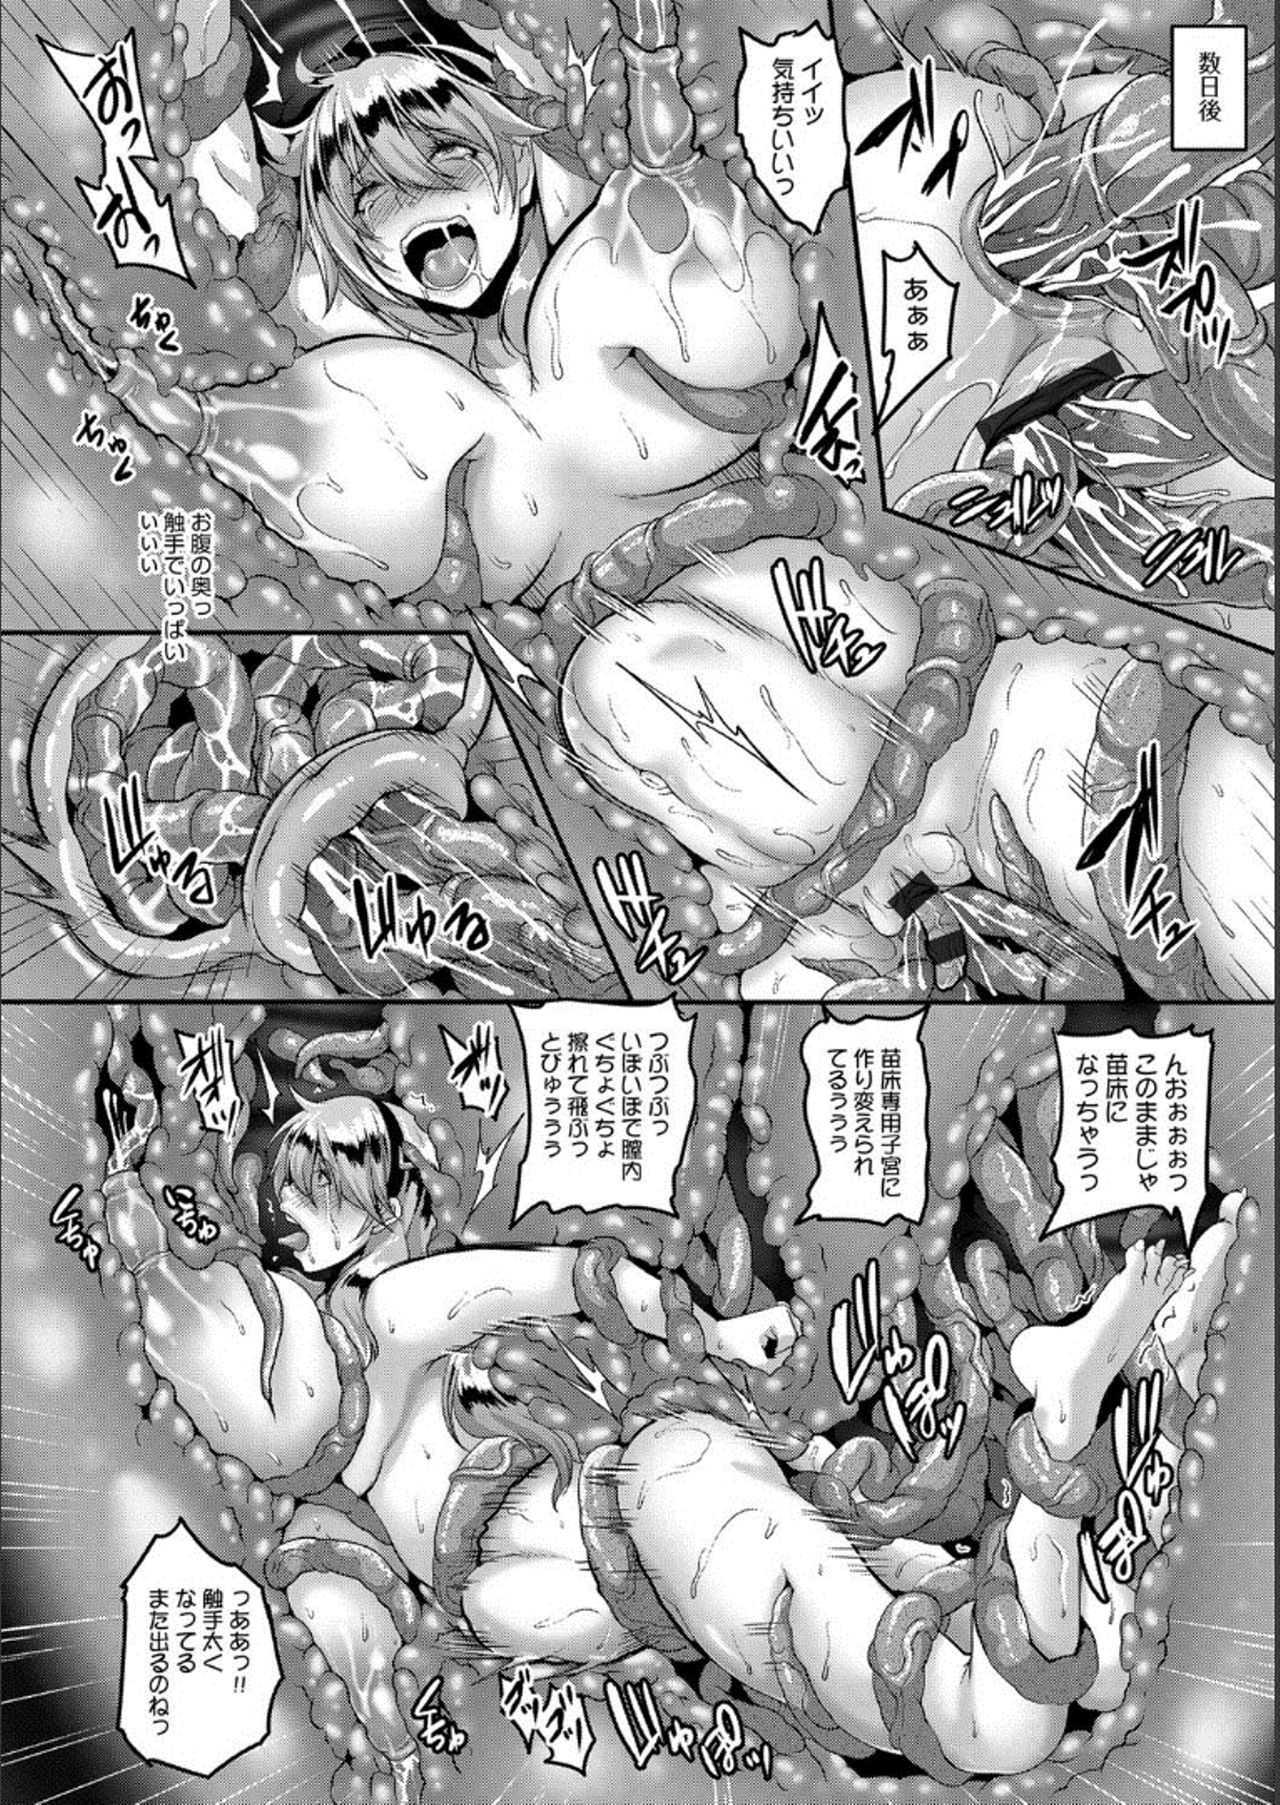 【エロ漫画】モンスターの巣に拉致された潜入部隊の娘…繁殖部屋で産卵するだけの雌へと堕とされるwww【 一弘:繁殖の肉苗贄】